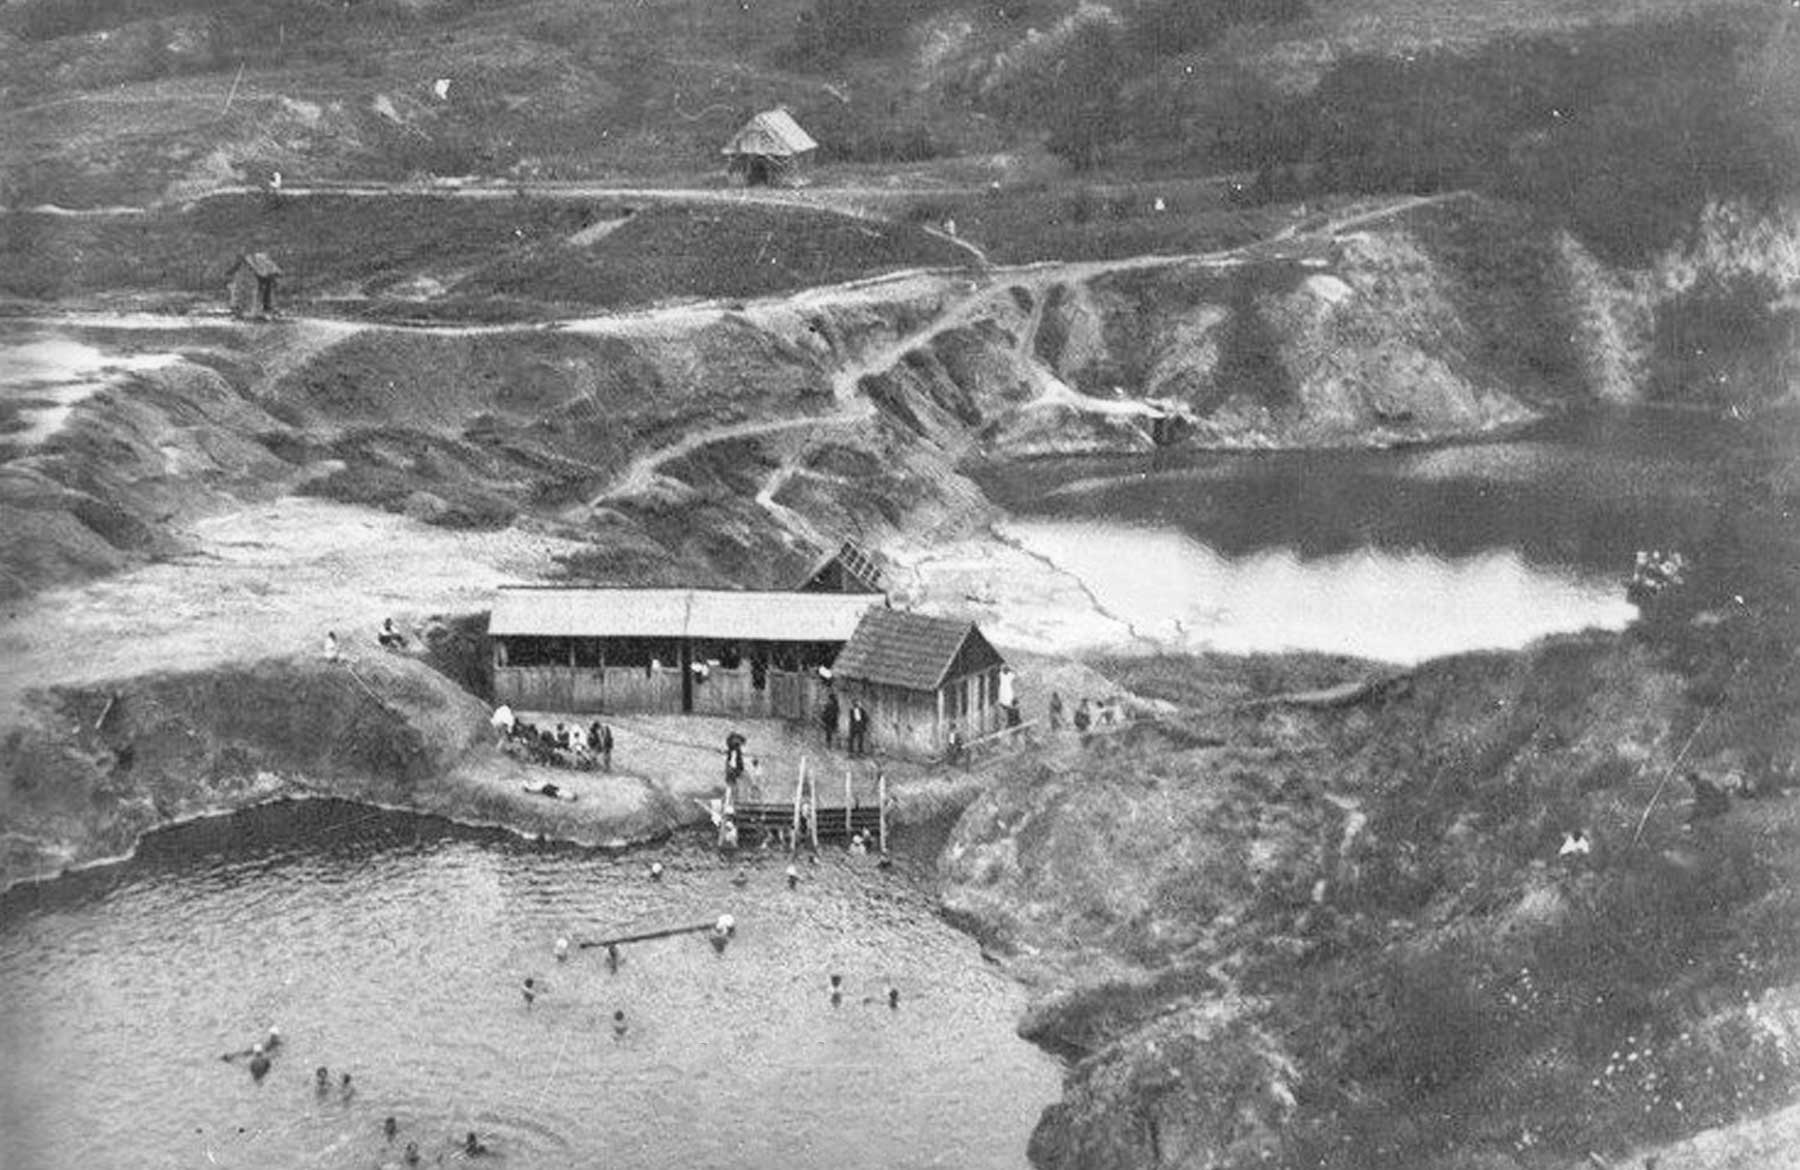 Durgău_ lacurile nr.1 (lacul Carolina) şi nr.2 (lacul Durgău), în perioada interbelică_